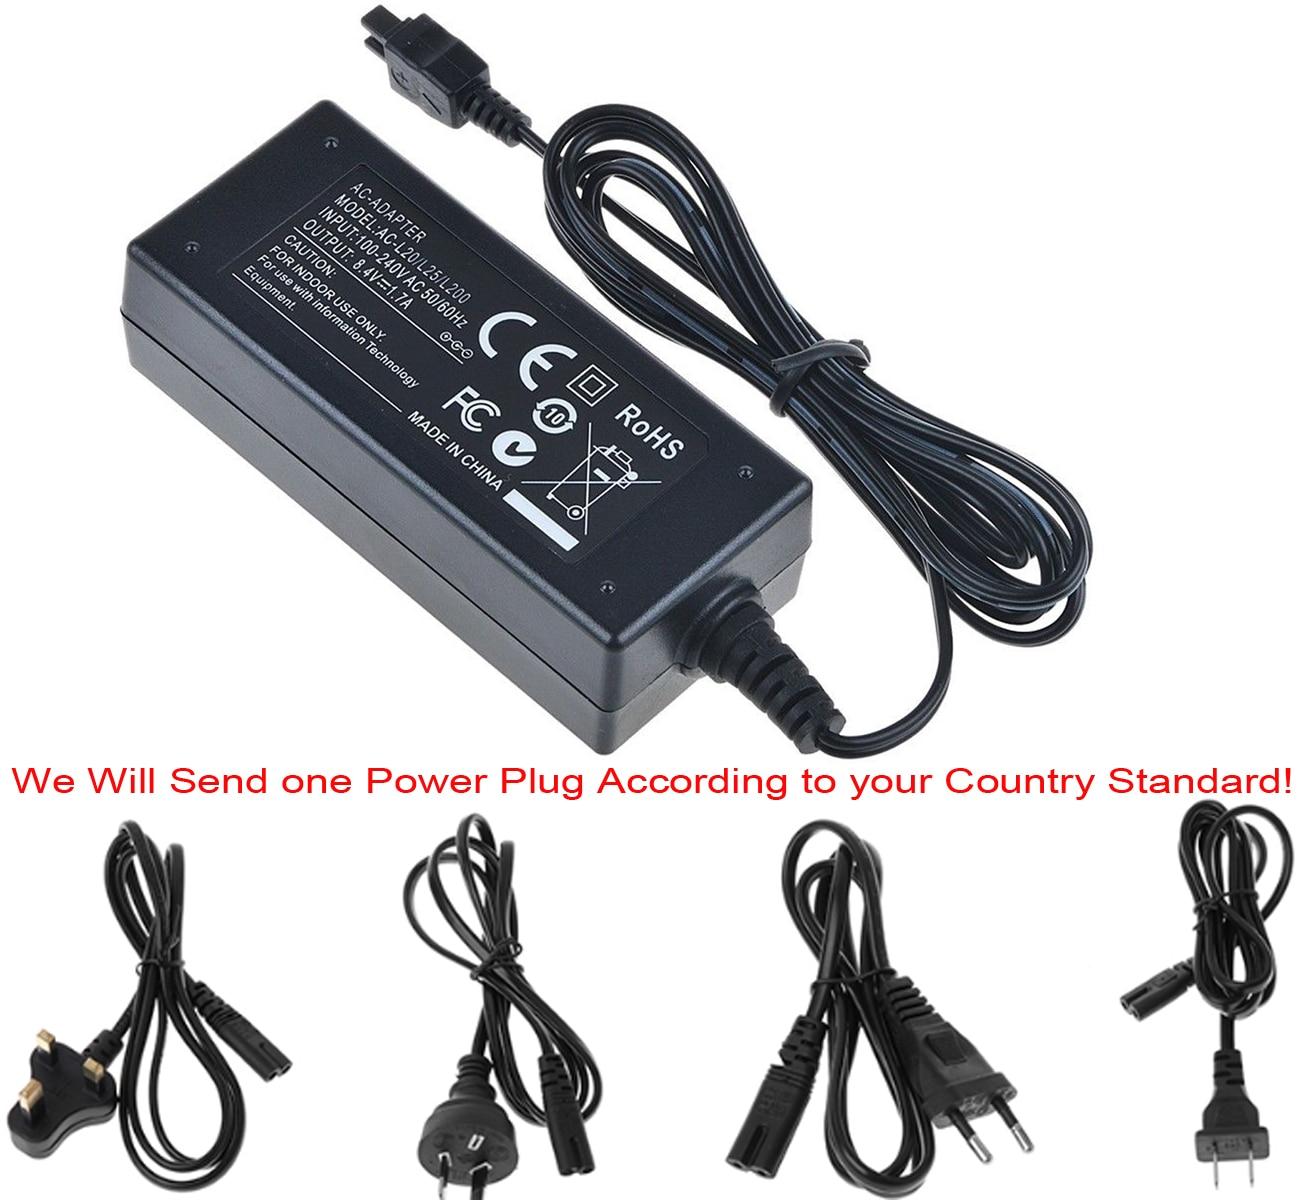 Adaptador de alimentação ca carregador para sony DCR-SX50E, DCR-SX53E, DCR-SX60E, DCR-SX63E, DCR-SX73E, DCR-SX83E, DCR-SX85E, handycam filmadora